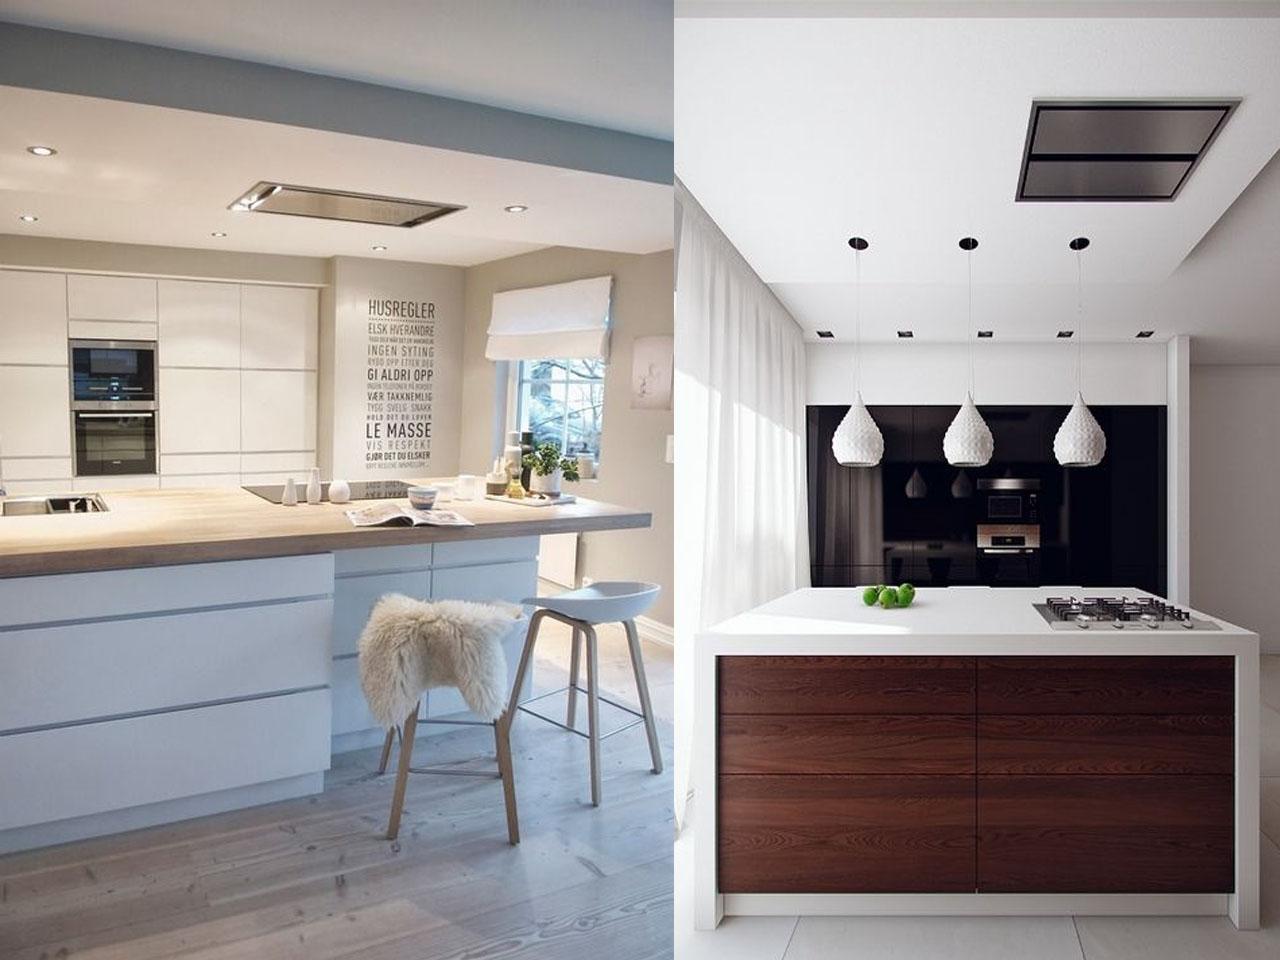 Tendencias en cocinas 2016 2017 el centro de tu hogar - Tendencias pintura paredes 2017 ...